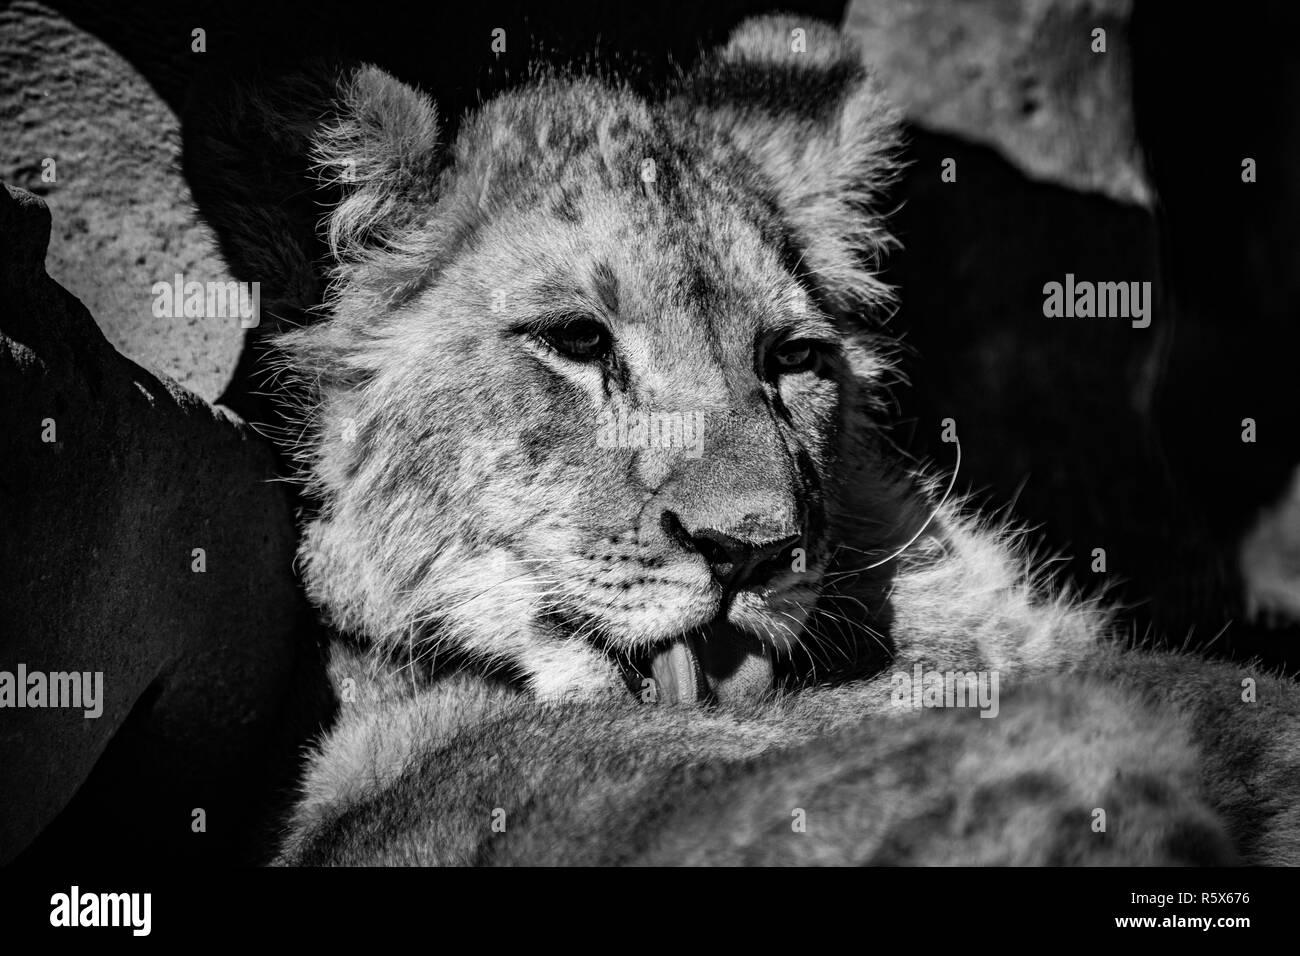 Un hermoso cachorro de león tras un lavado en blanco y negro Foto de stock